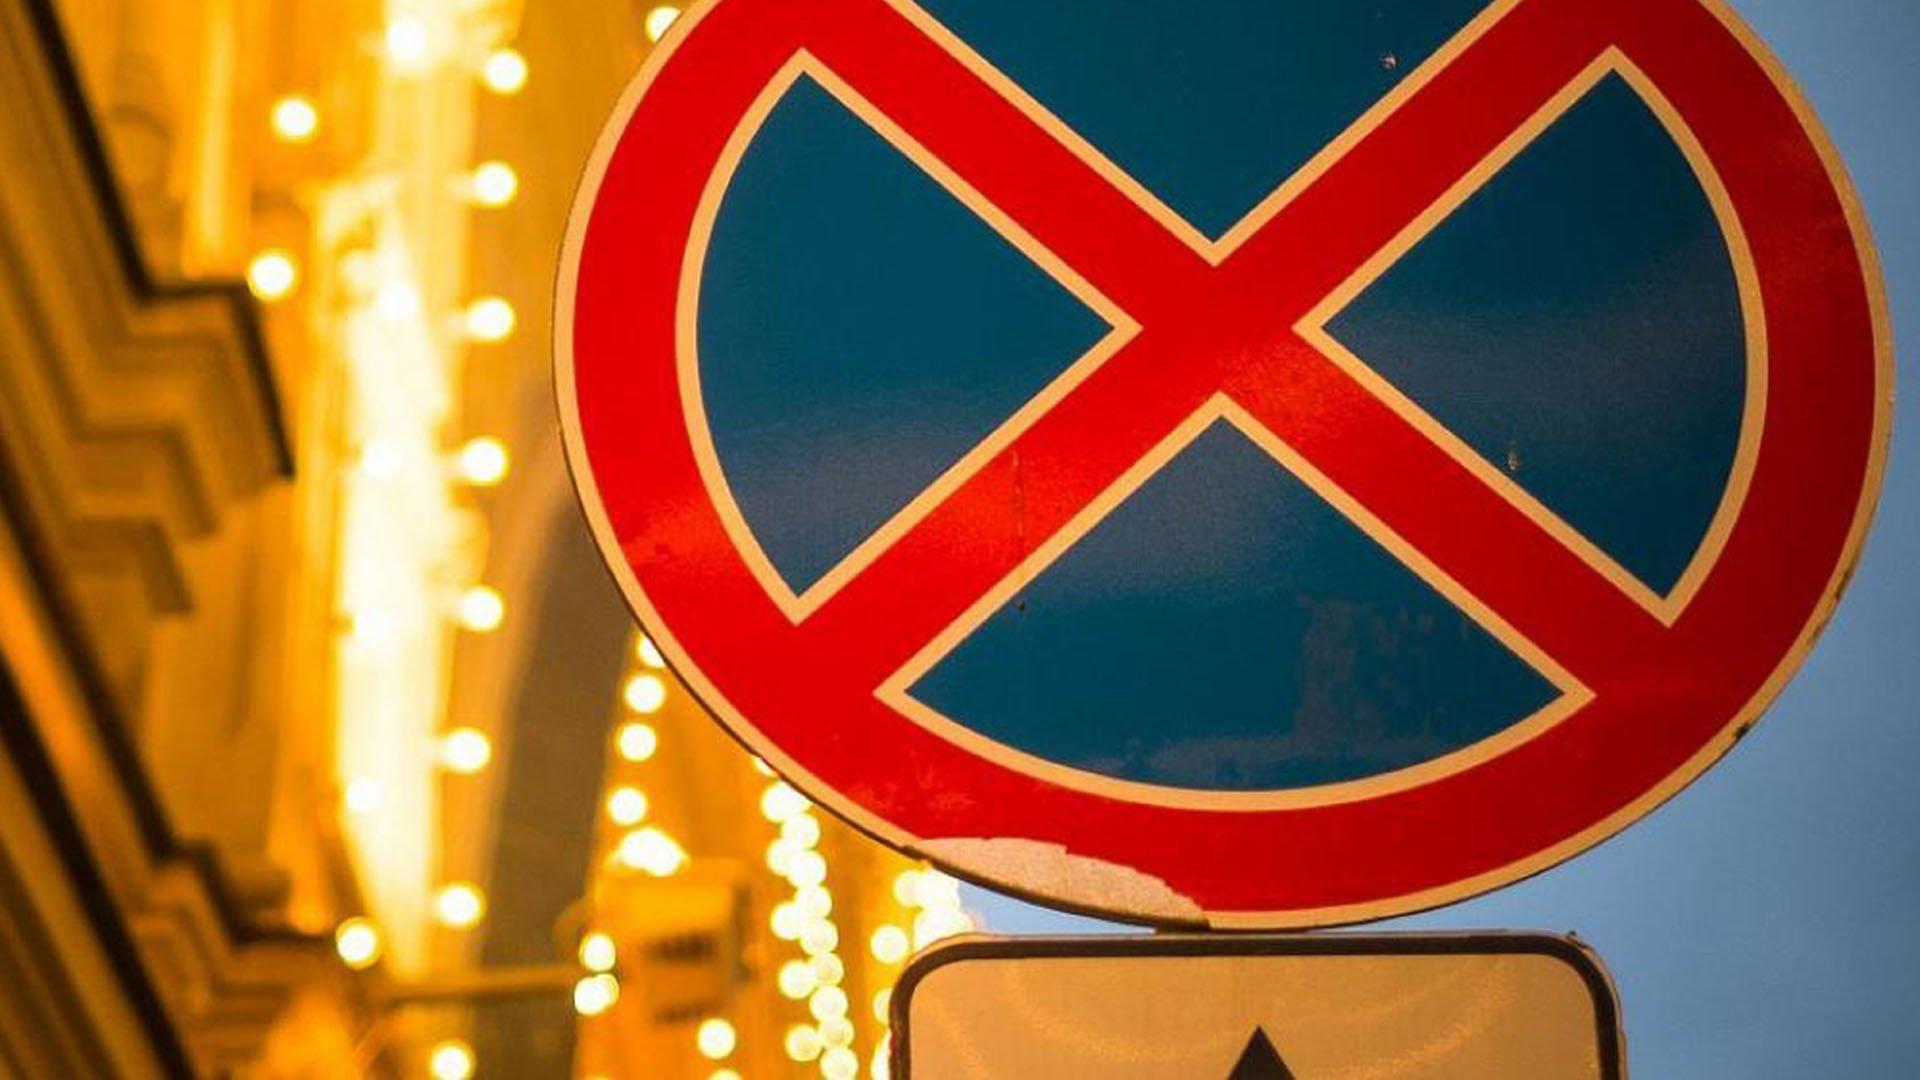 Что значит несоблюдение требований предписанных дорожными знаками или разметкой